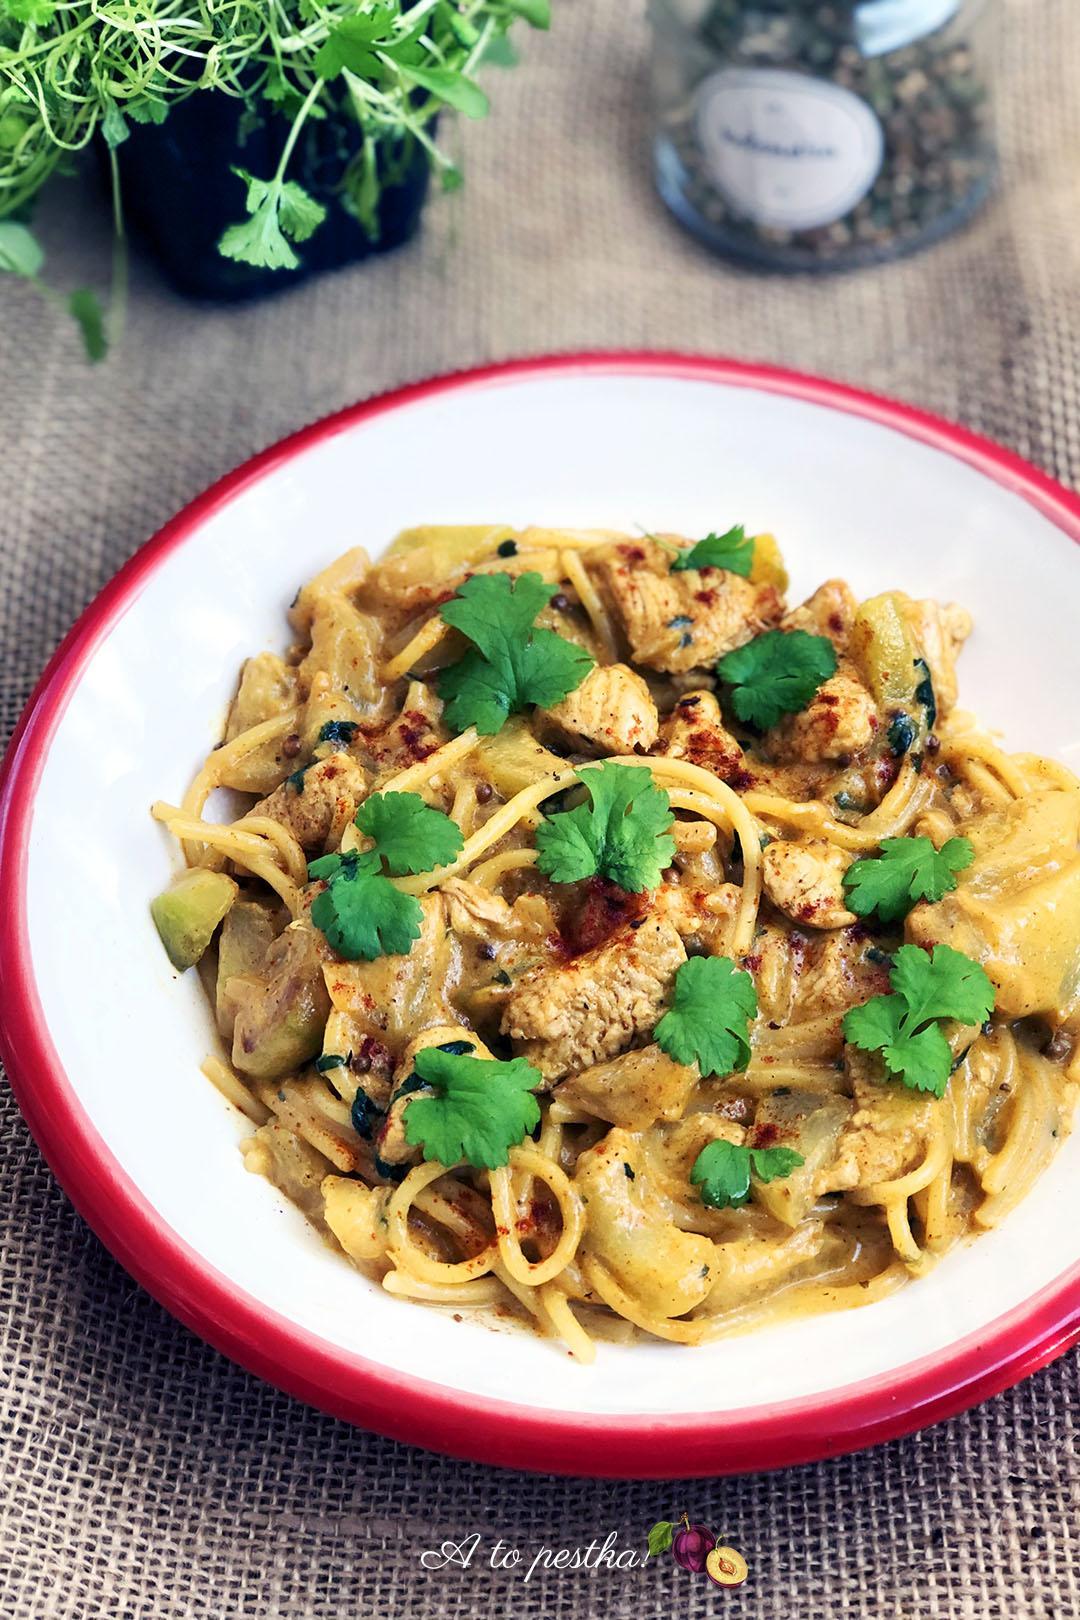 Noodle z kurczakiem i cukinią w sosie curry - A to pestka!